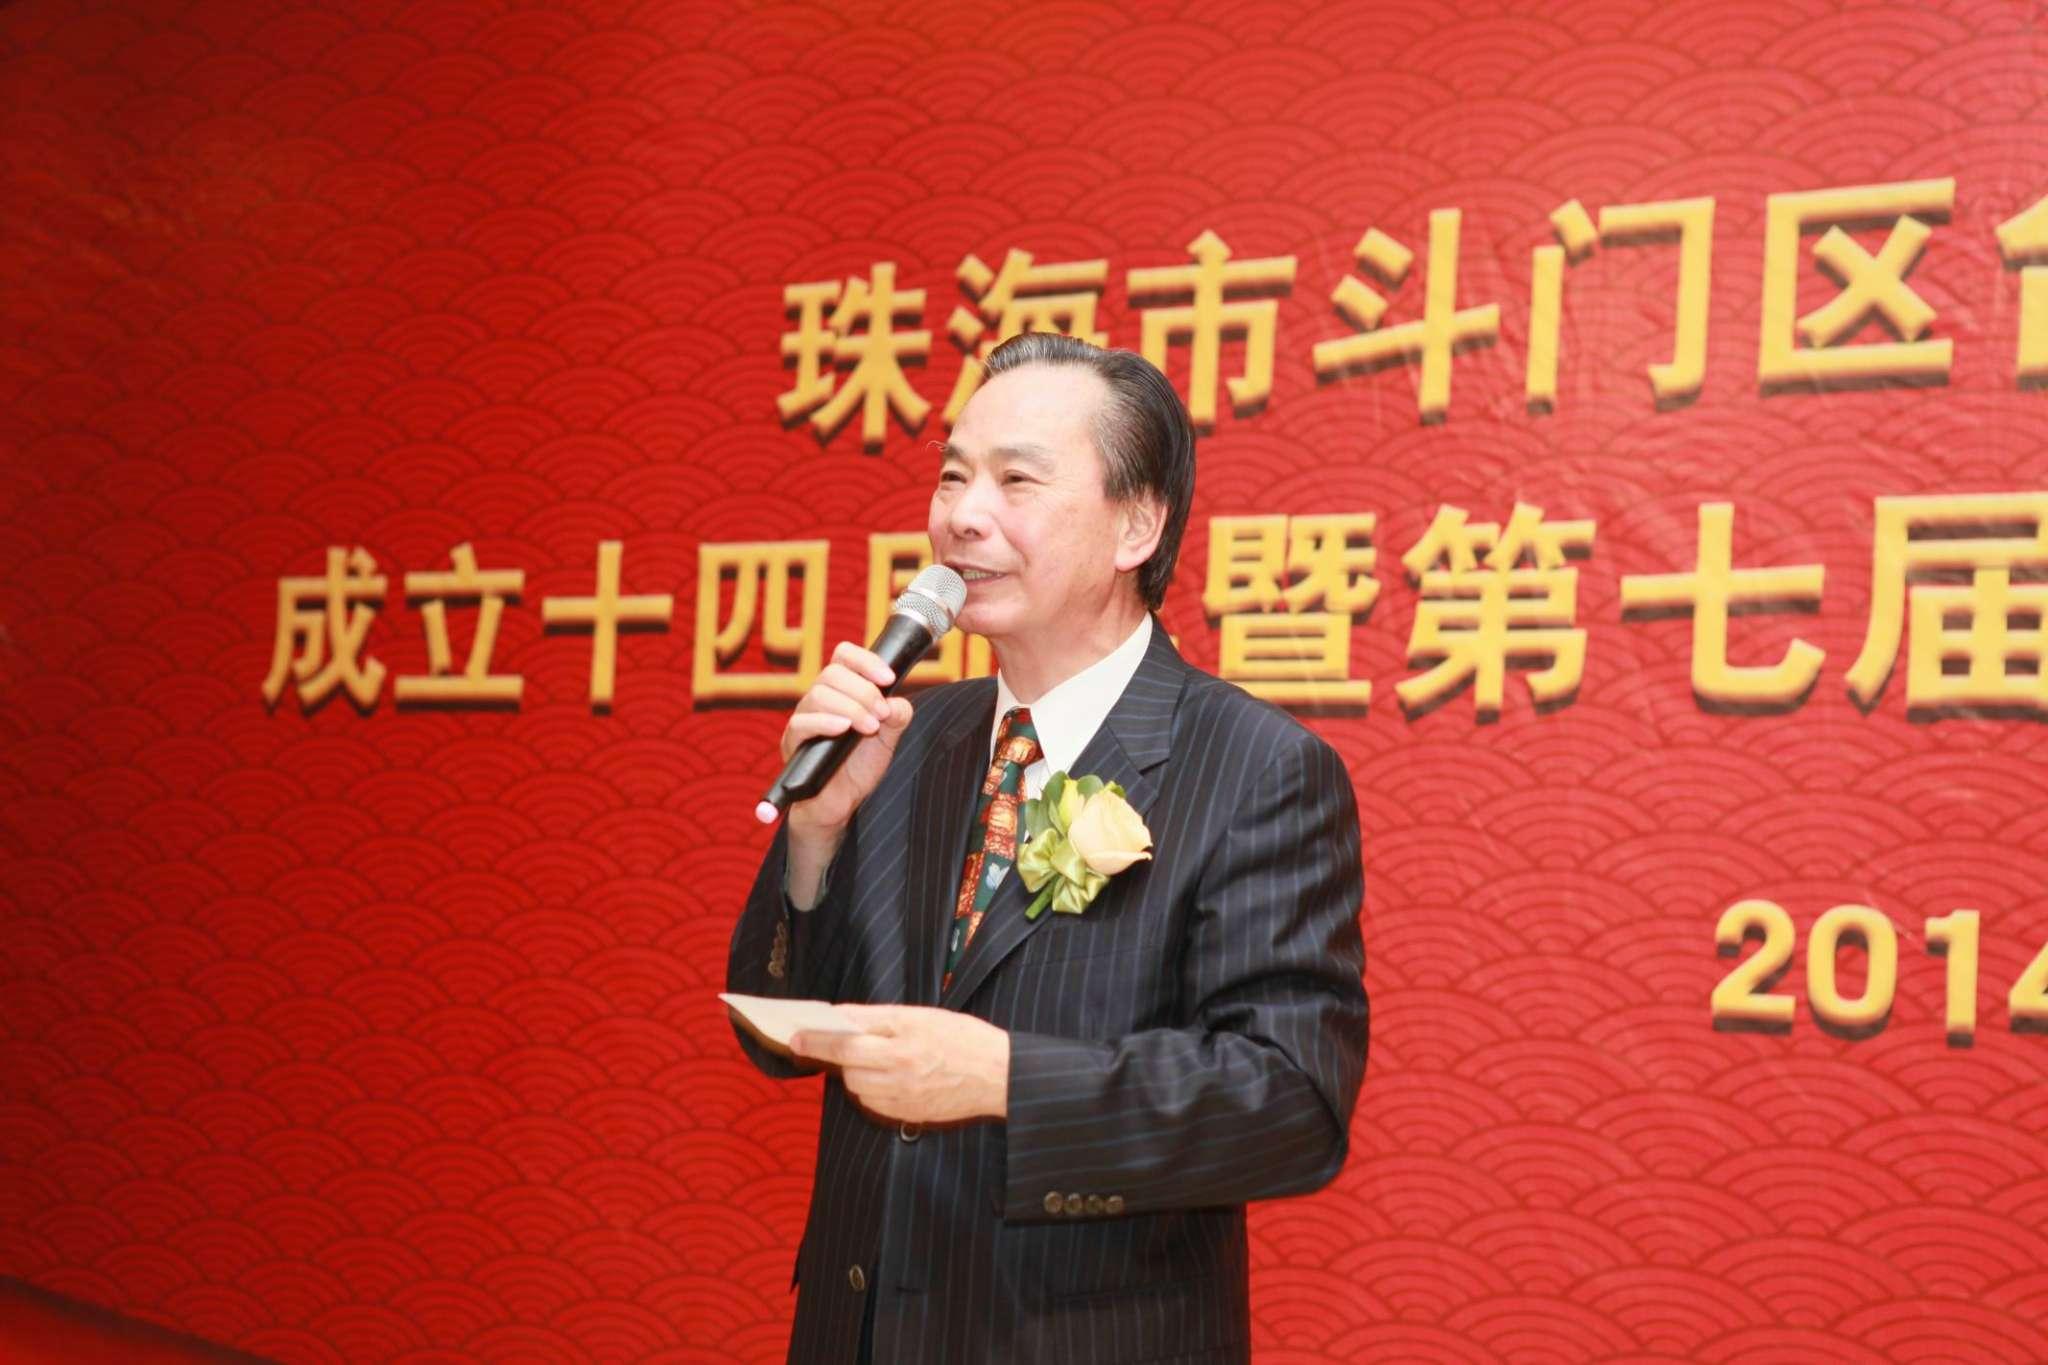 珠海市台商投资企业协会